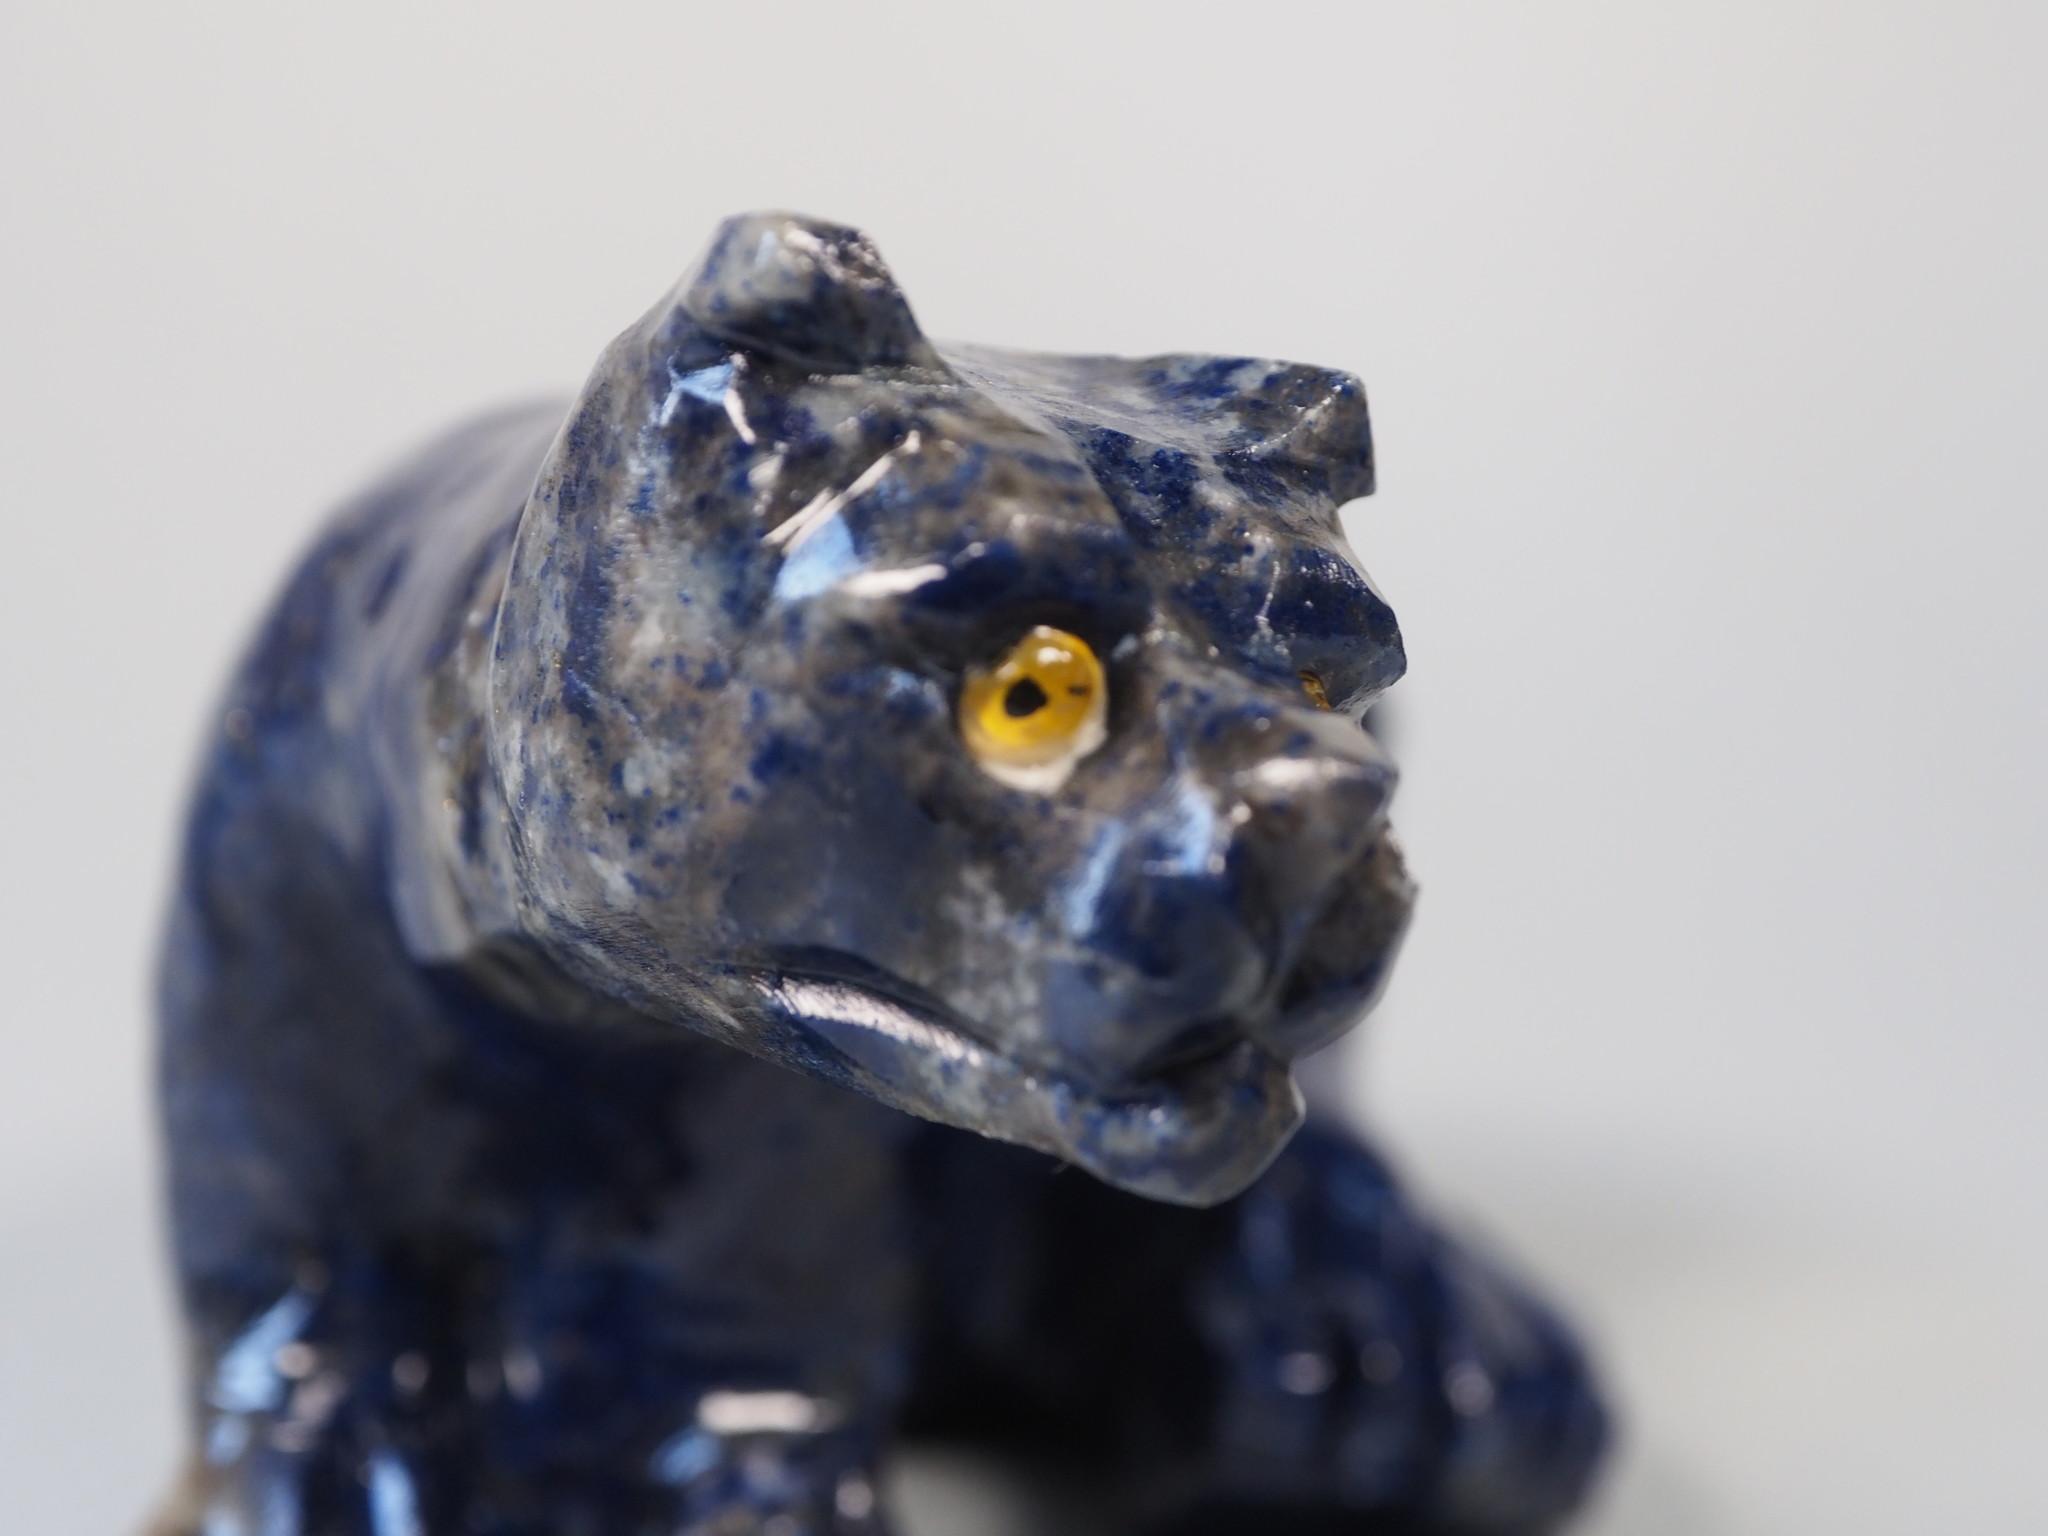 Extravagant Royal blau Lapis lazuli  tier figur briefbeschwere Raubkatze Nr:21/ 15